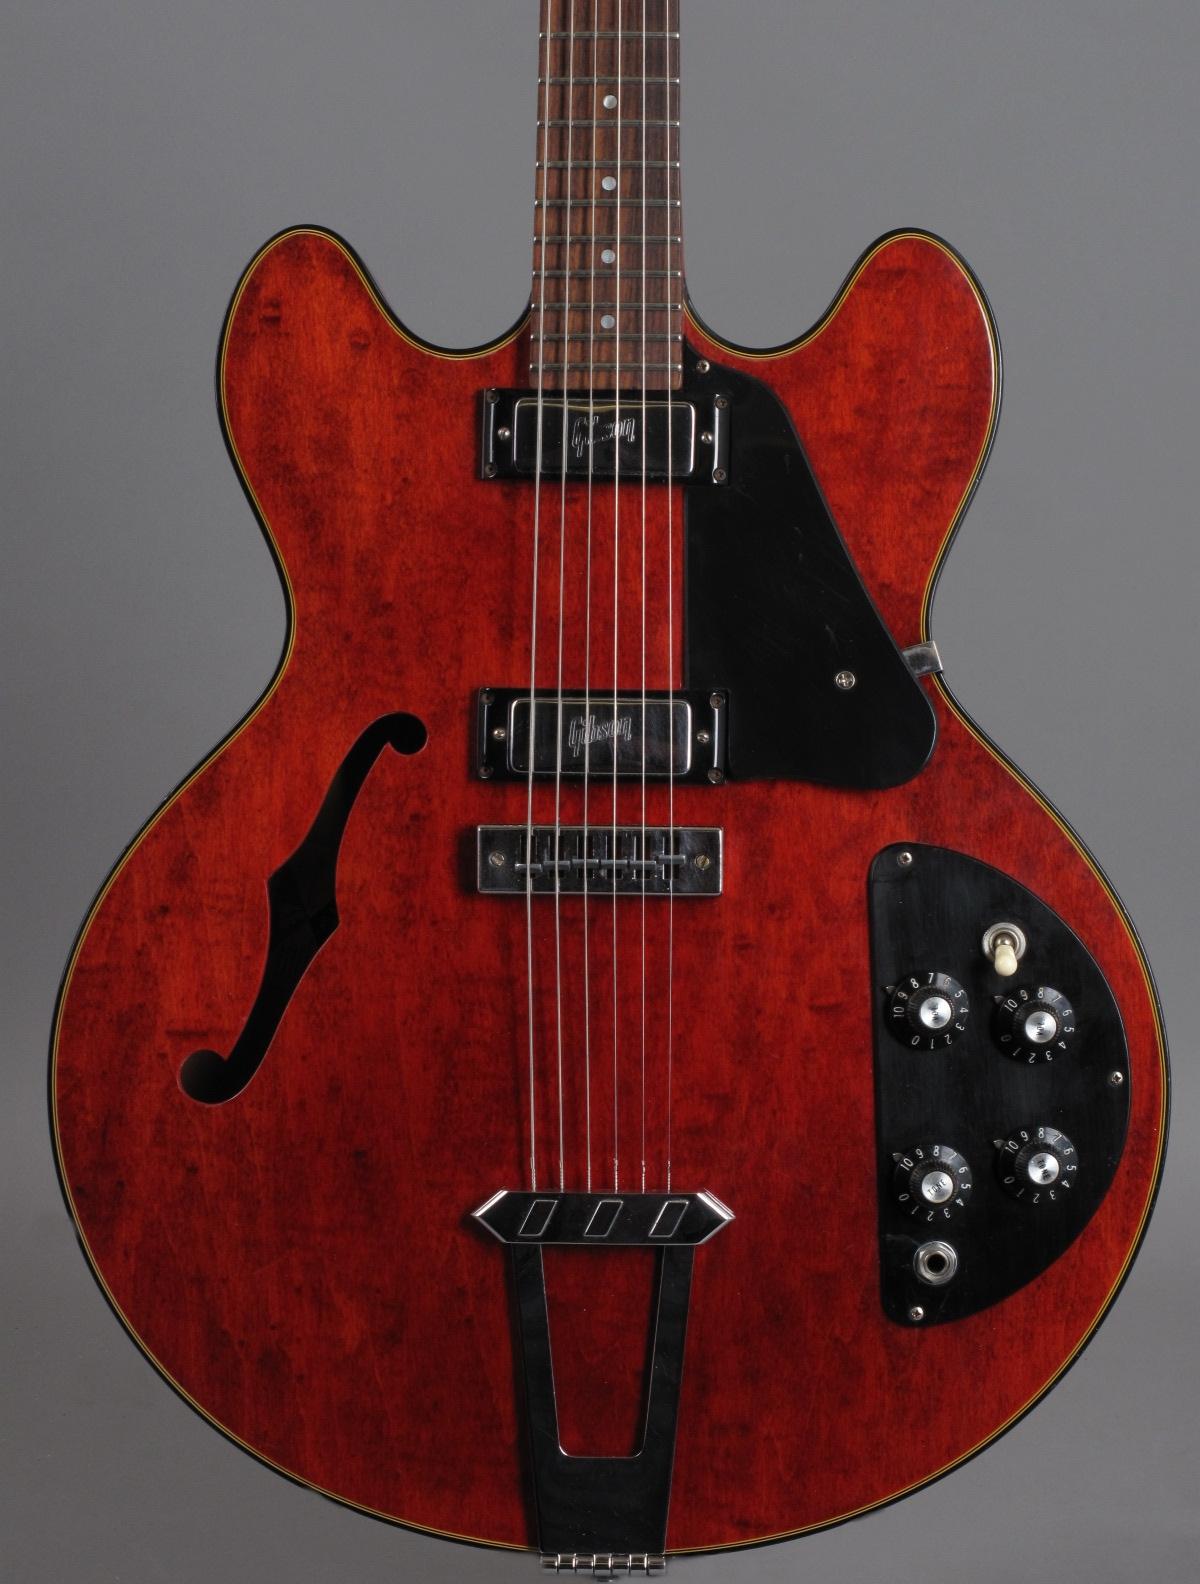 1972 Gibson ES-325 TD - Cherry